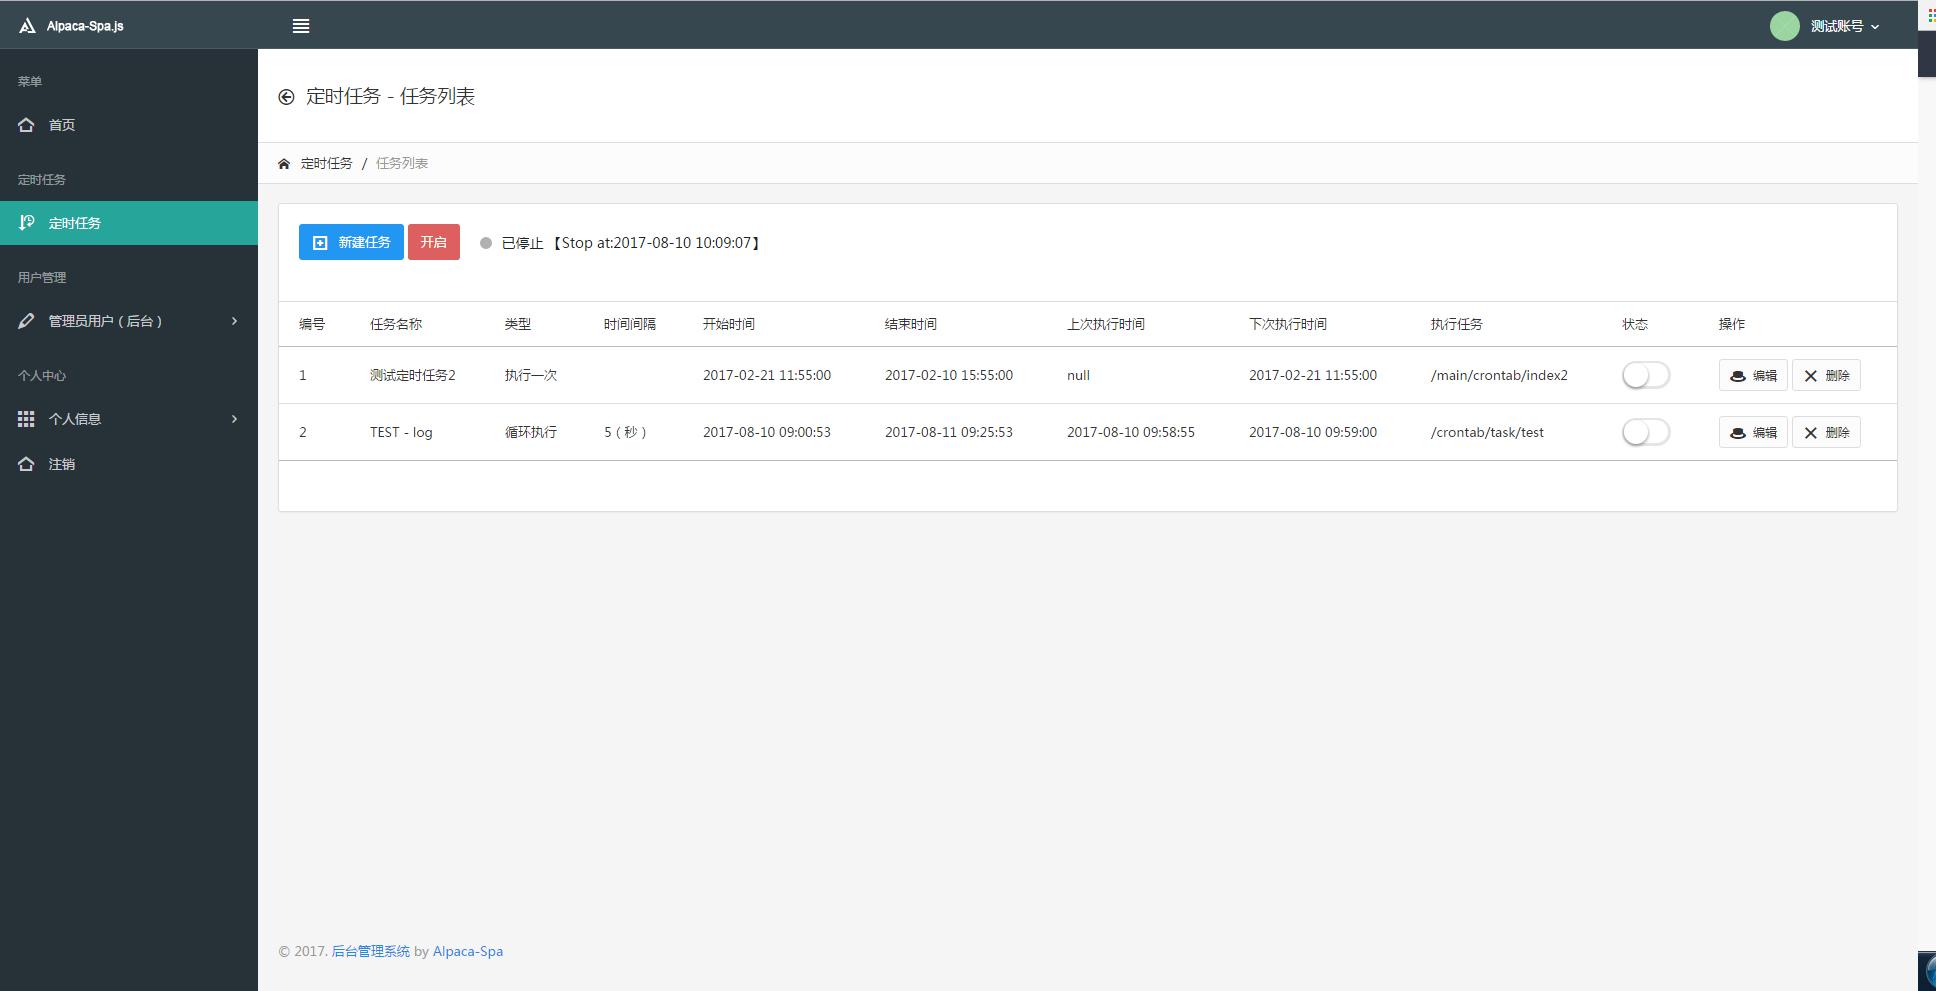 PHP代码实现定时任务(非linux-shell方式,与操作系统无关)